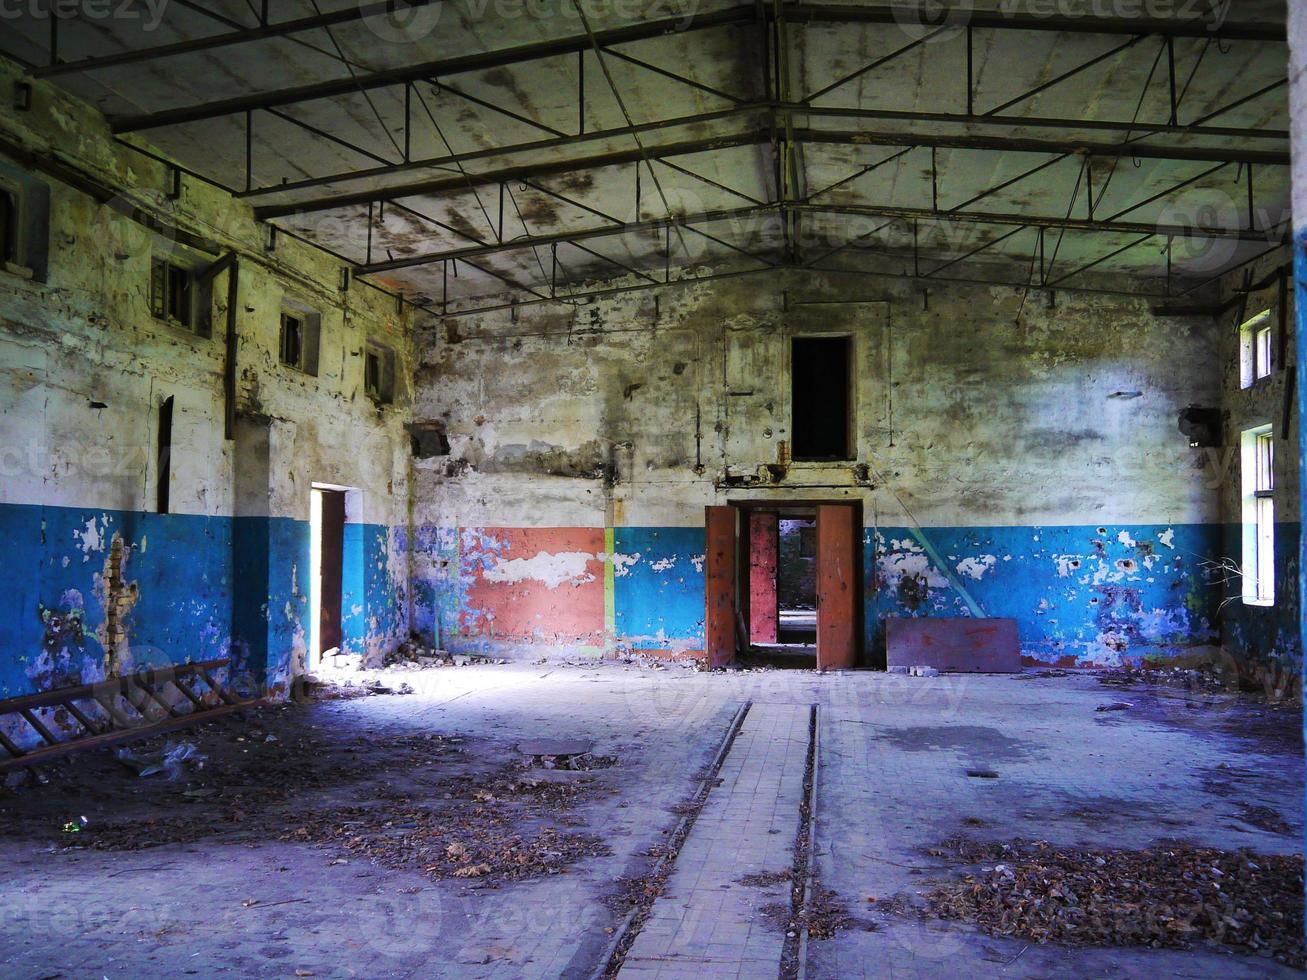 L'intérieur d'une base militaire soviétique abandonnée photo